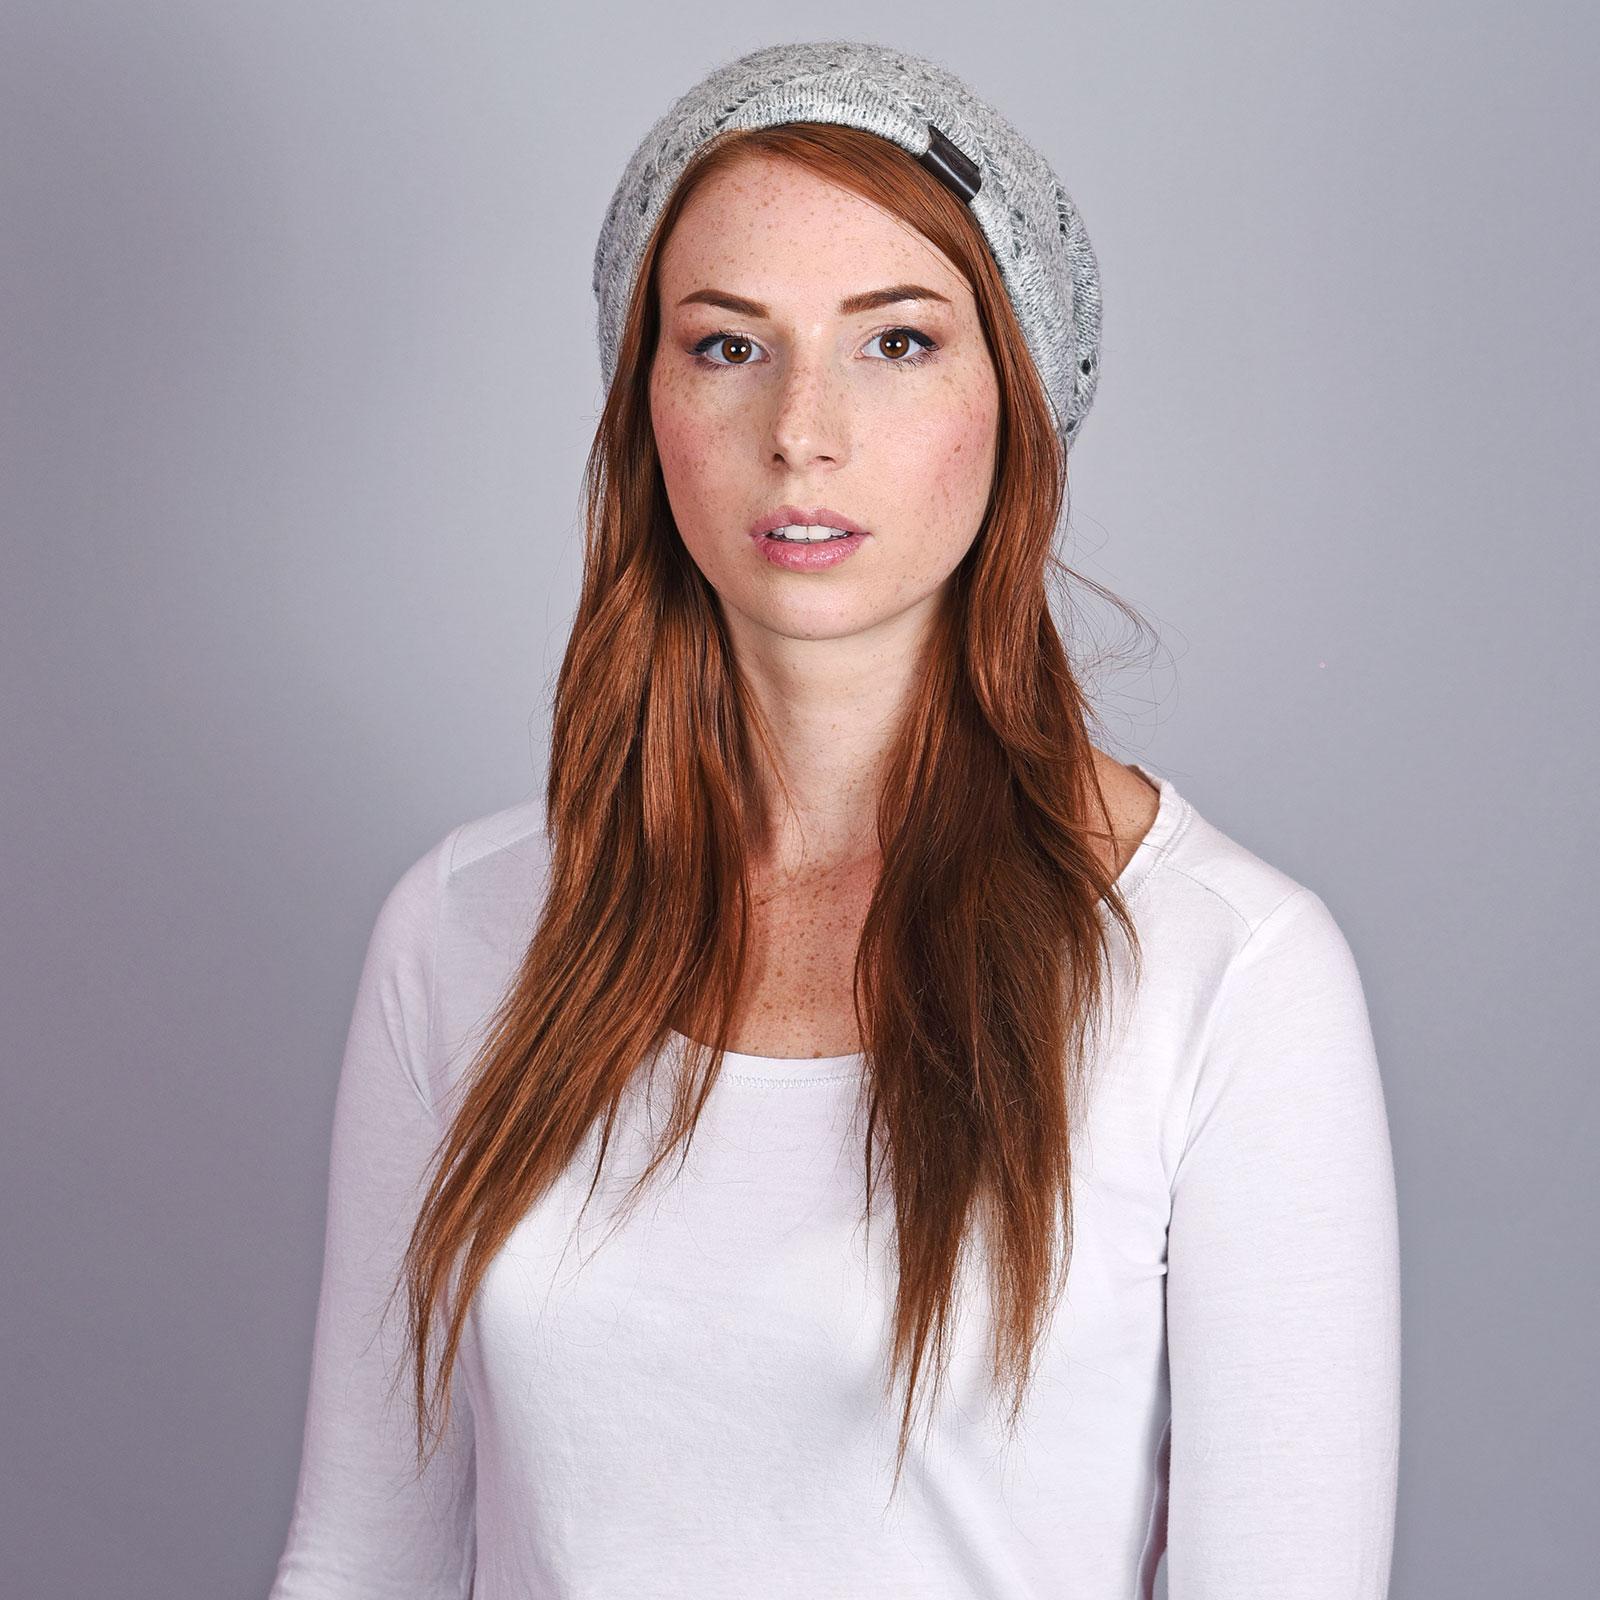 CP-01059-VF16-2-bonnet-femme-hiver-gris-uni